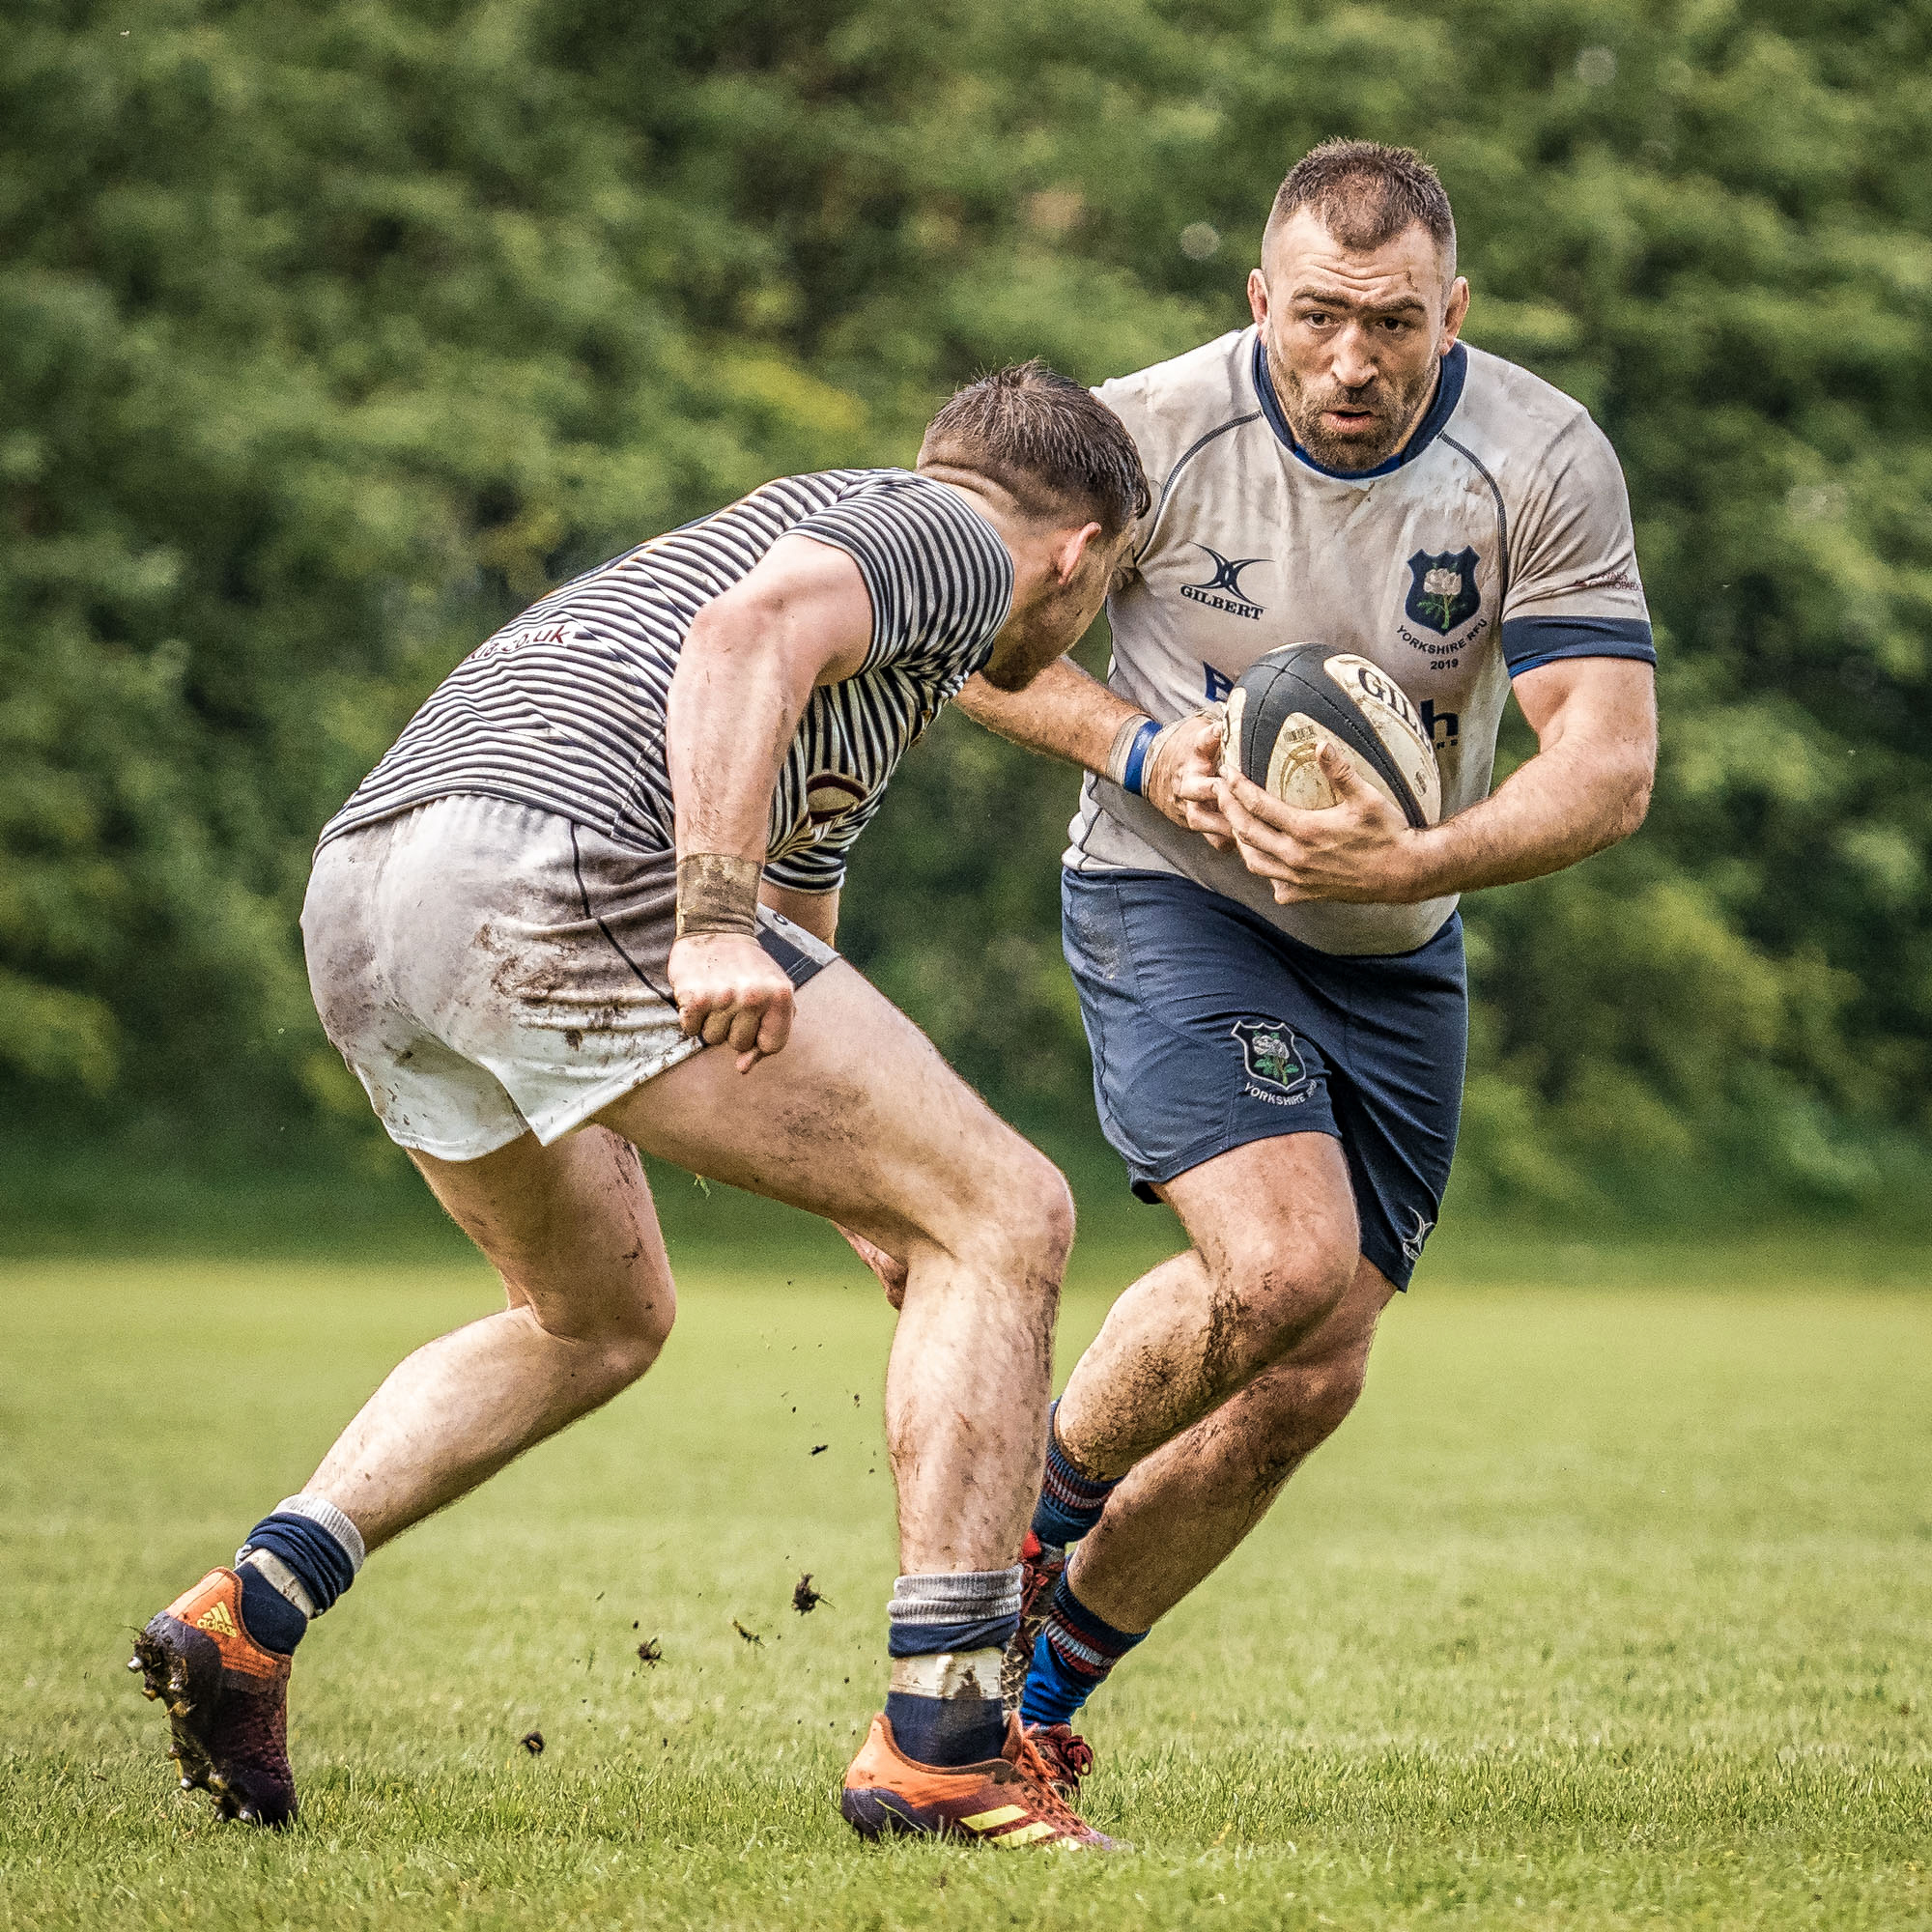 Eyes On: Yorkshire captain, Joe Graham